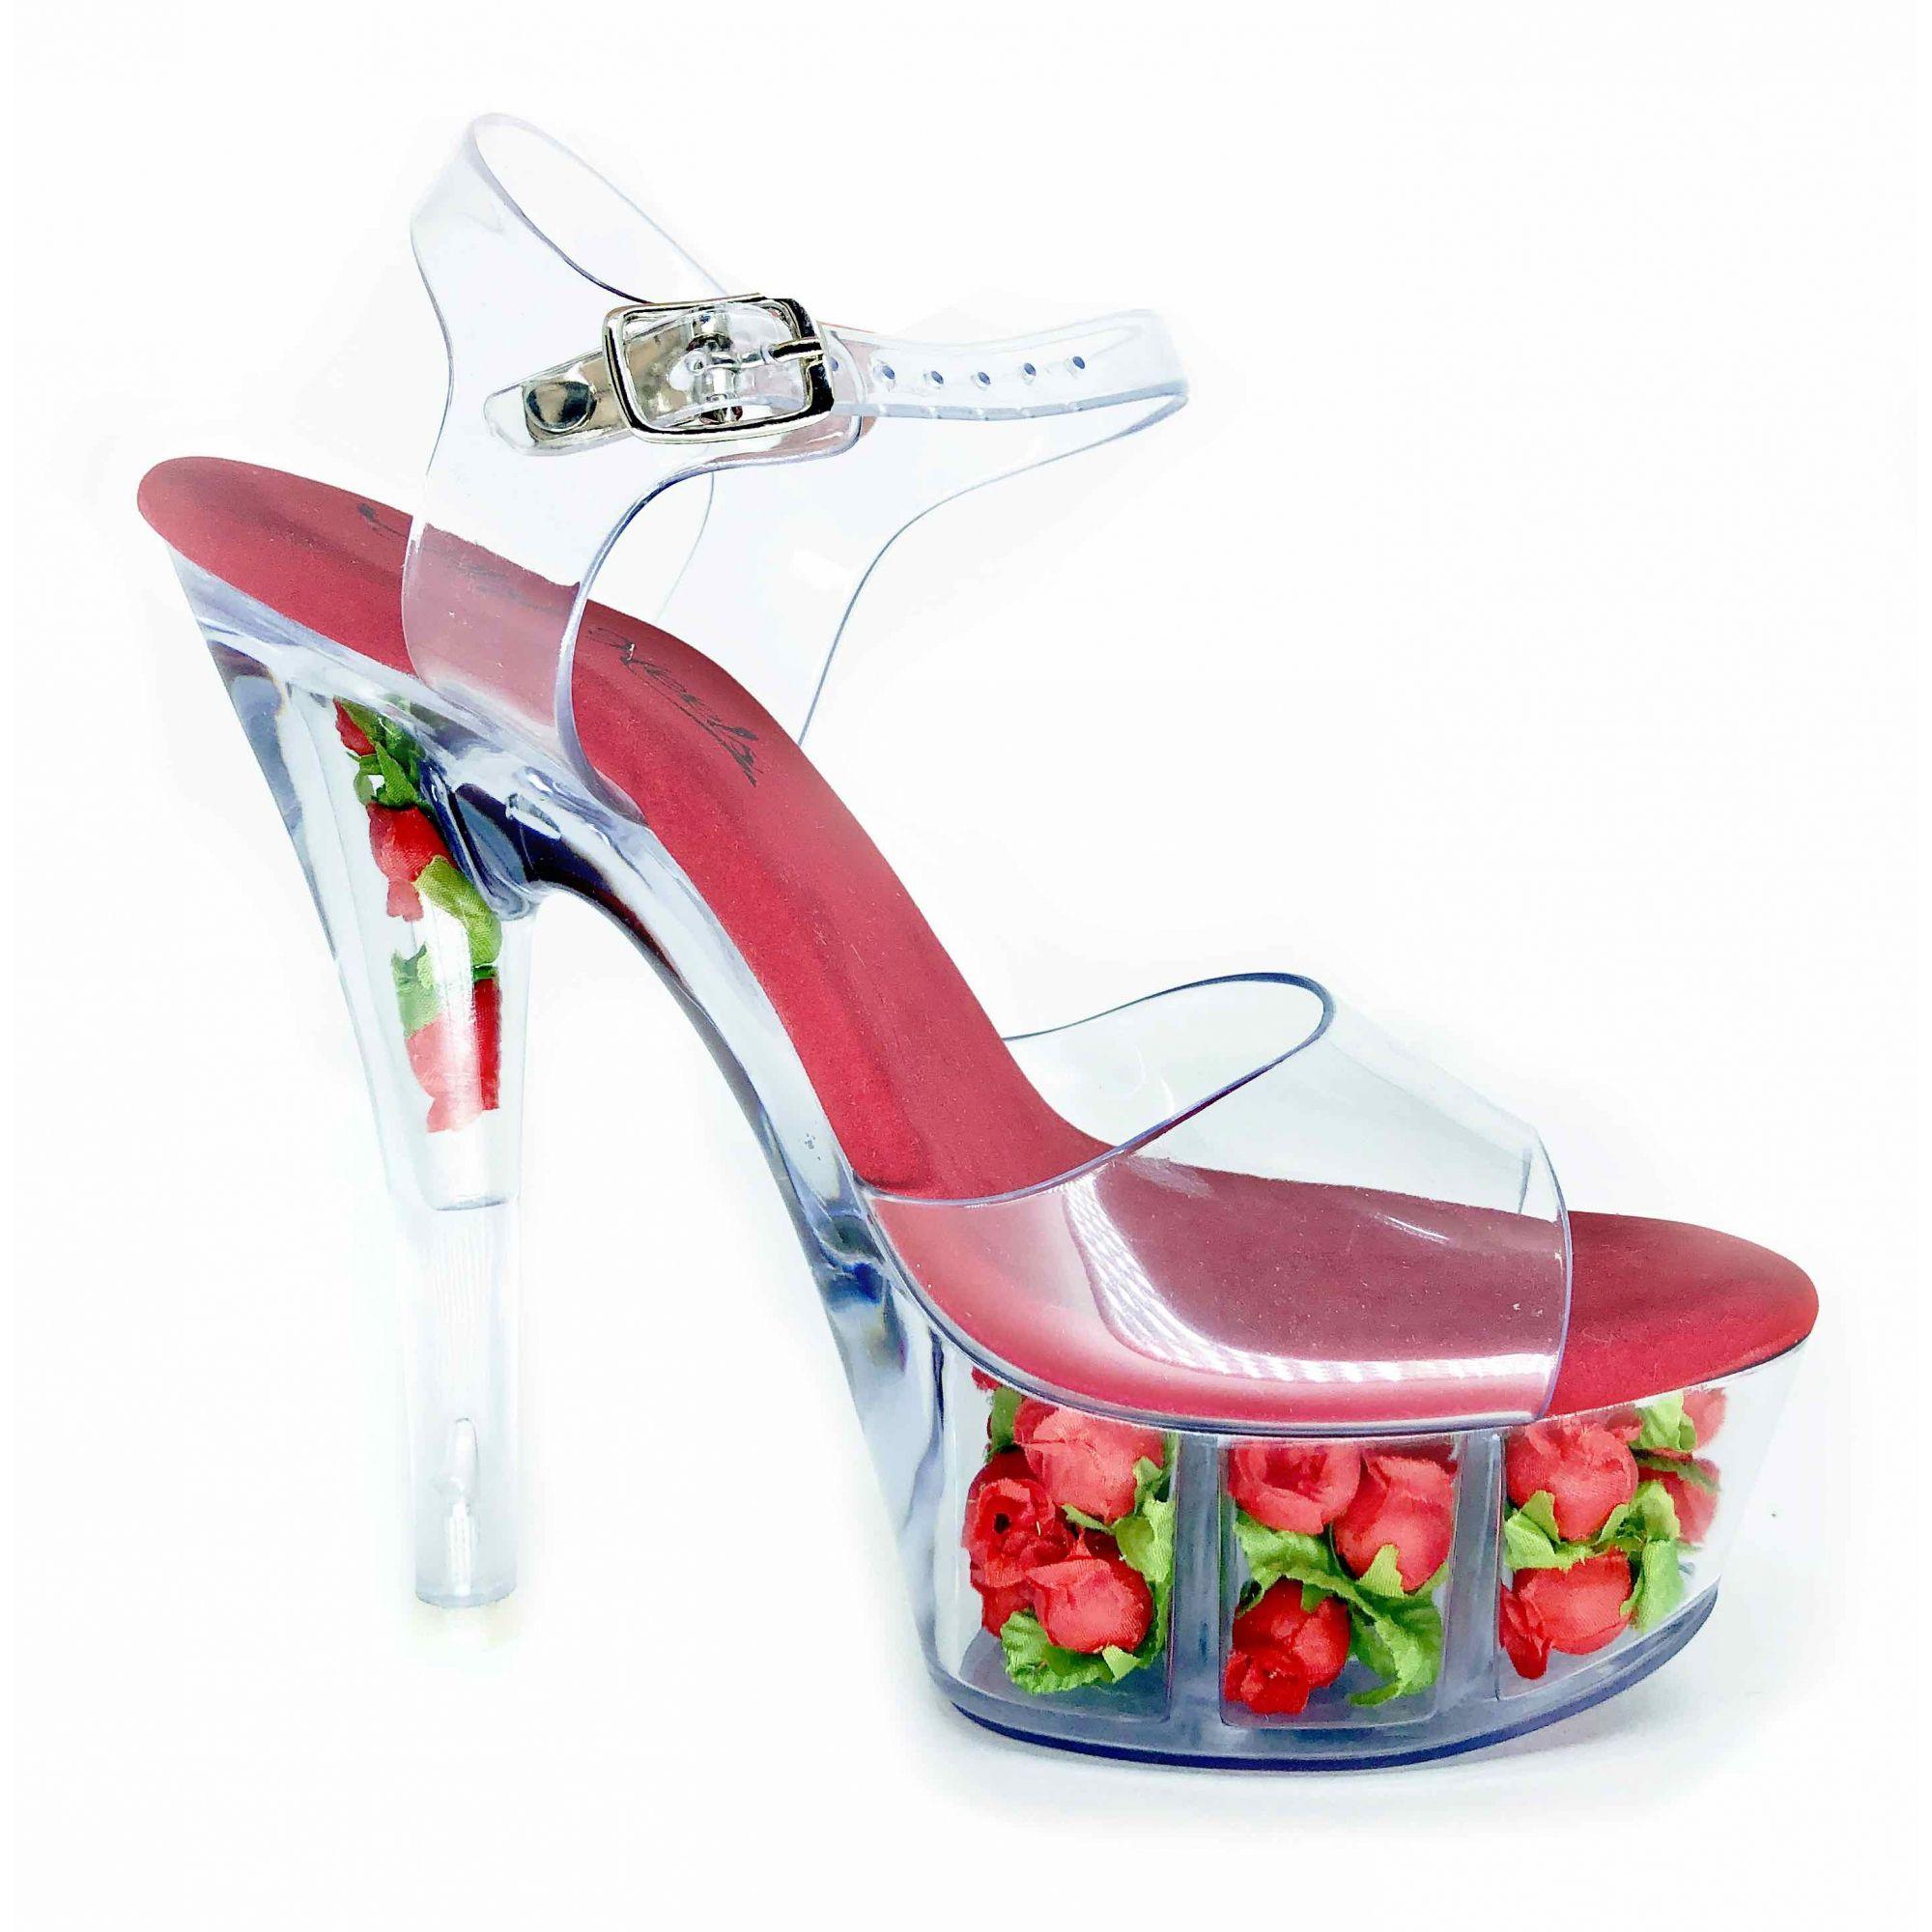 Sandália Dominica Flor Vermelho NR 8US - Play Heels (pronta entrega)